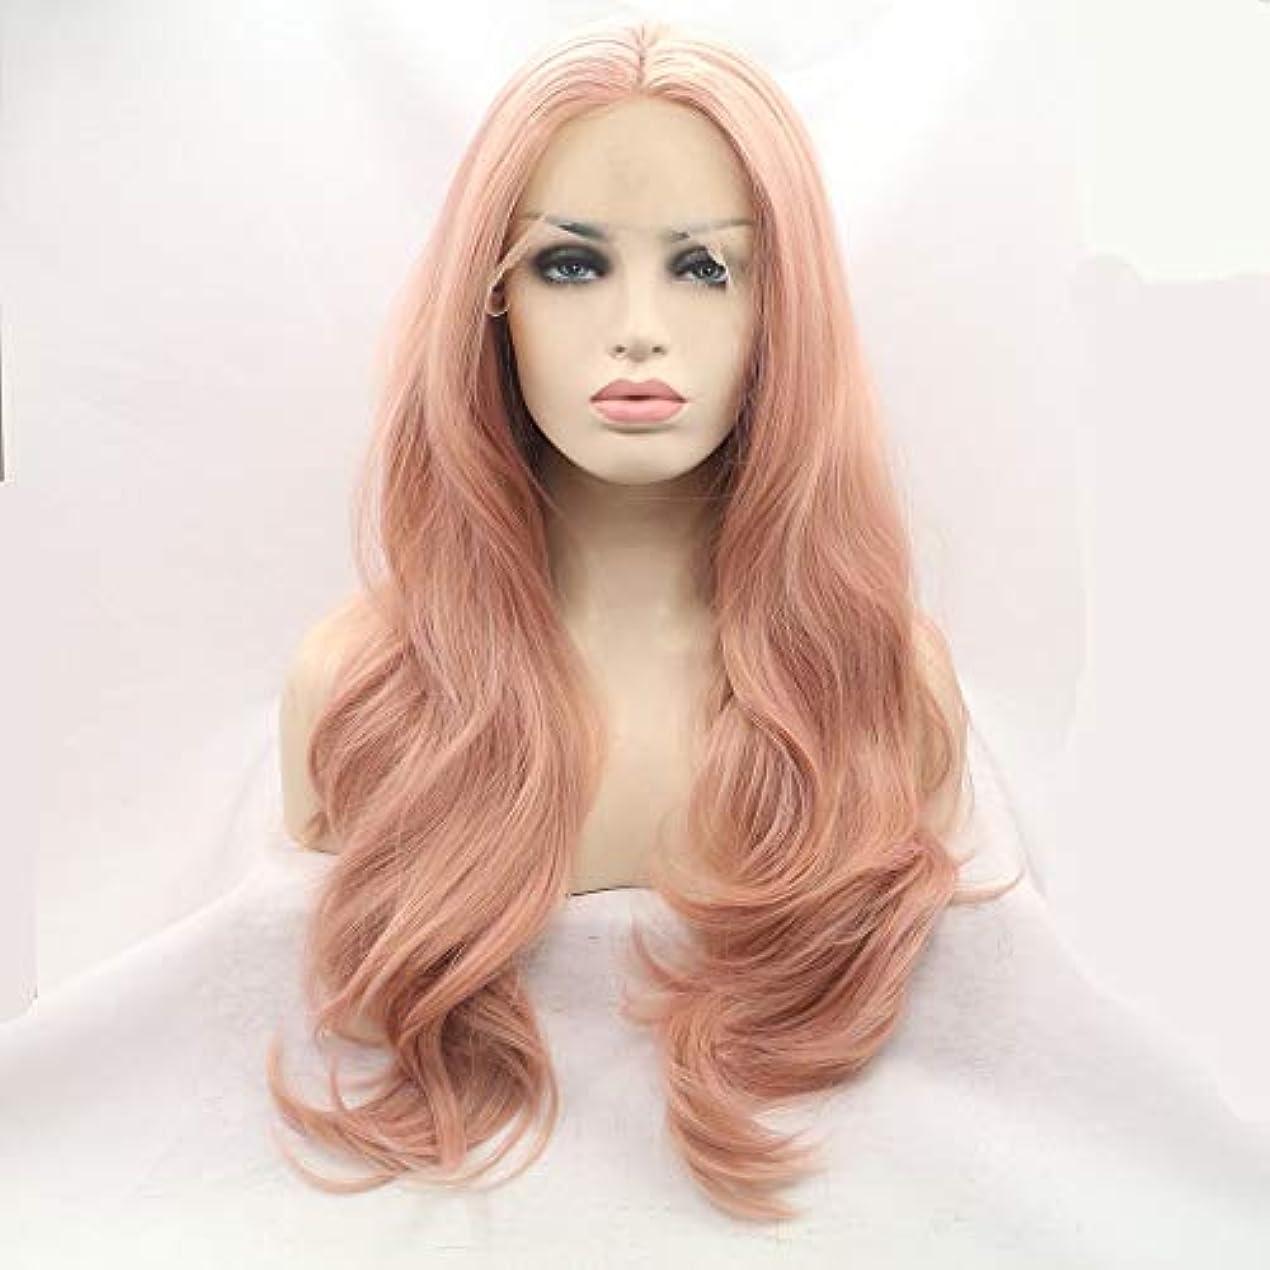 代表団海外で有効かつらキャップかつらで長いファンシードレスカール女性用高品質な人工毛髪コスプレ高密度かつら18インチ、20インチ、22インチ、24インチ、26インチ (Size : 22inch)